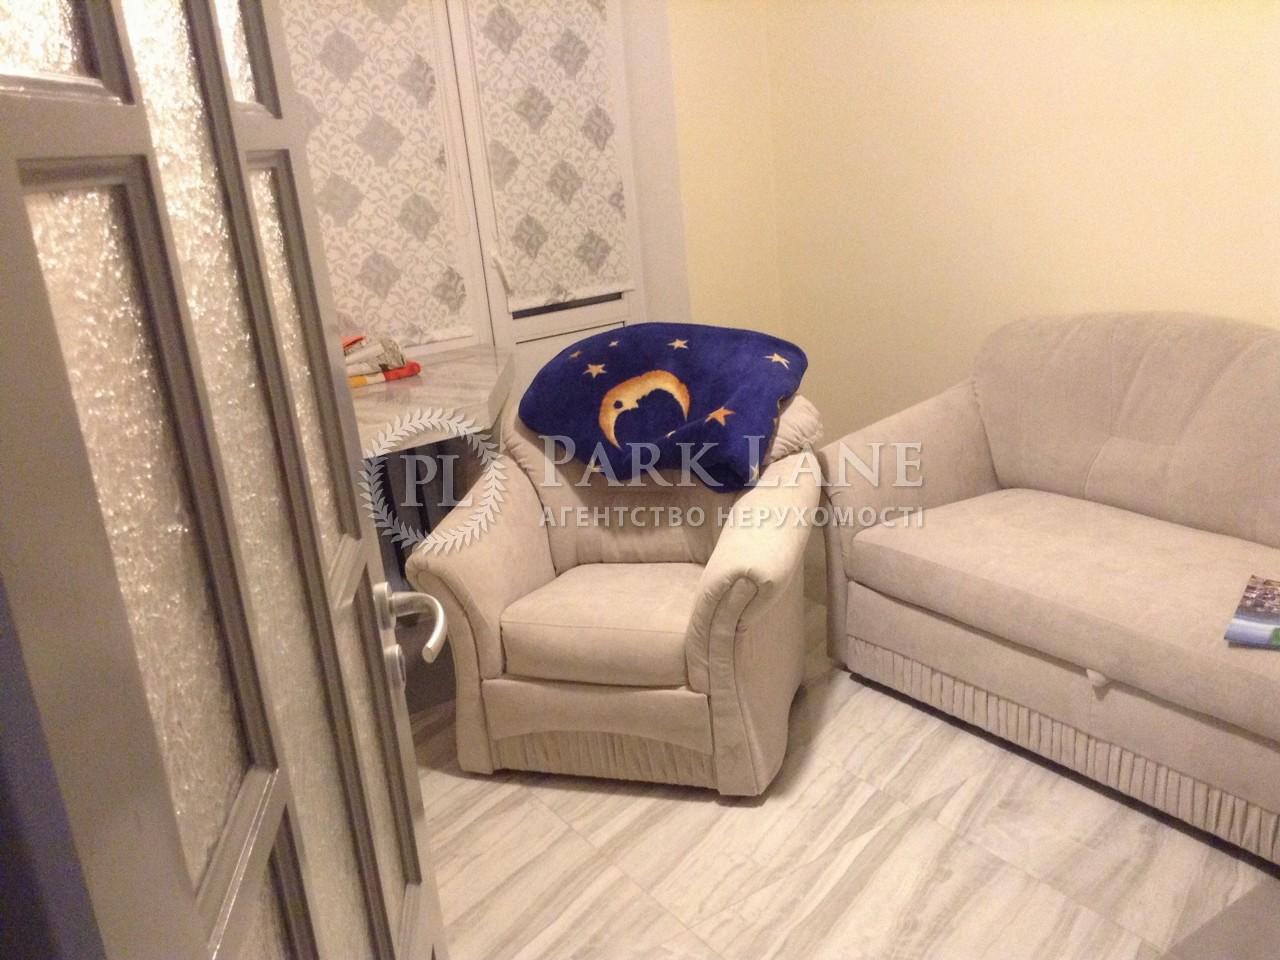 Квартира ул. Щербаковского Даниила (Щербакова), 55а, Киев, Z-1645221 - Фото 3